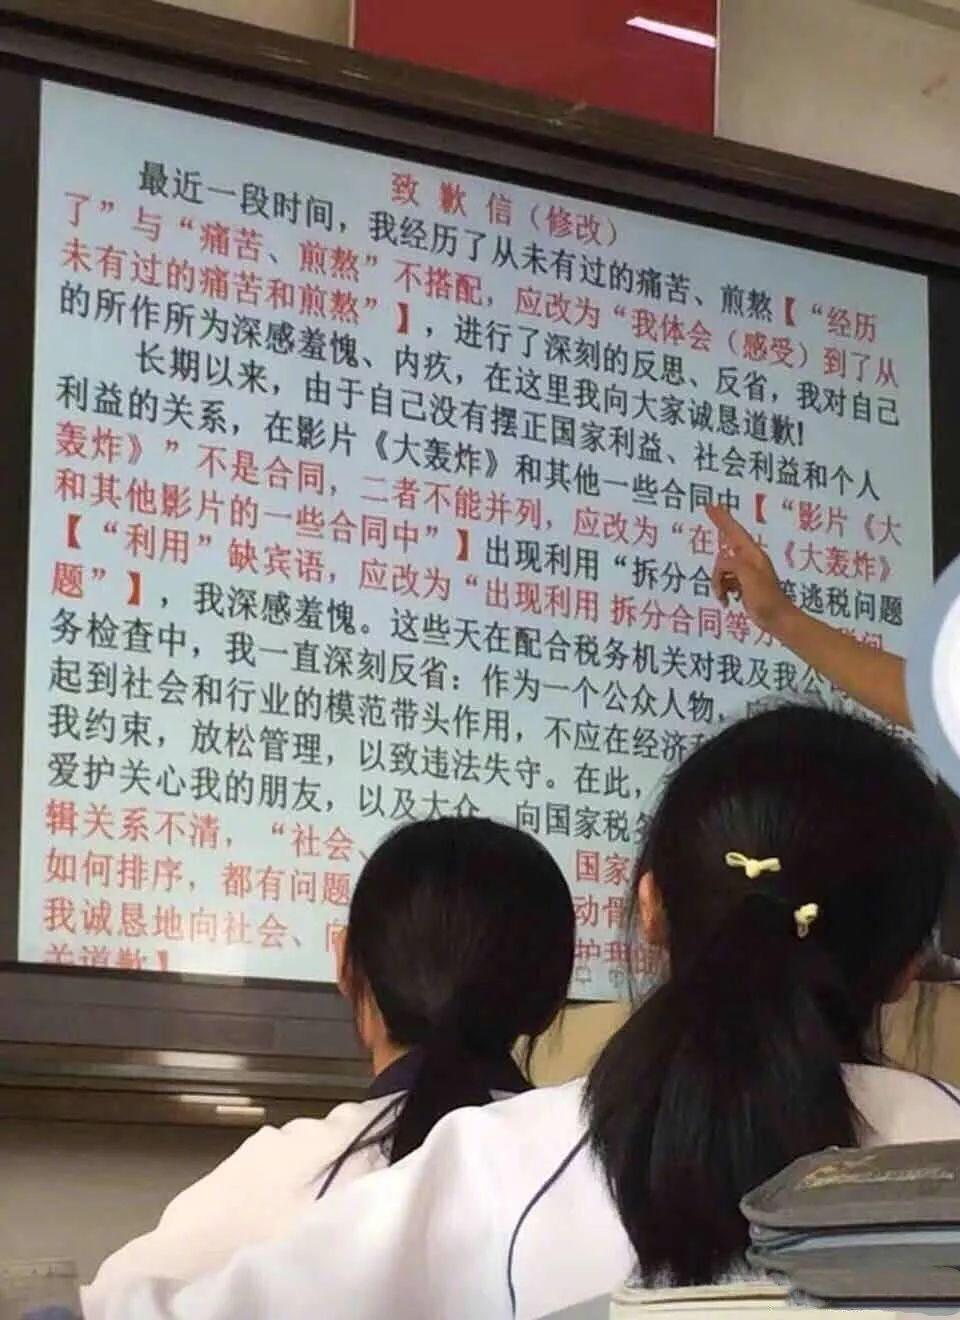 语病超10处!范冰冰致歉信被语文老师拿来上课!还有刘昊然、张雨绮……